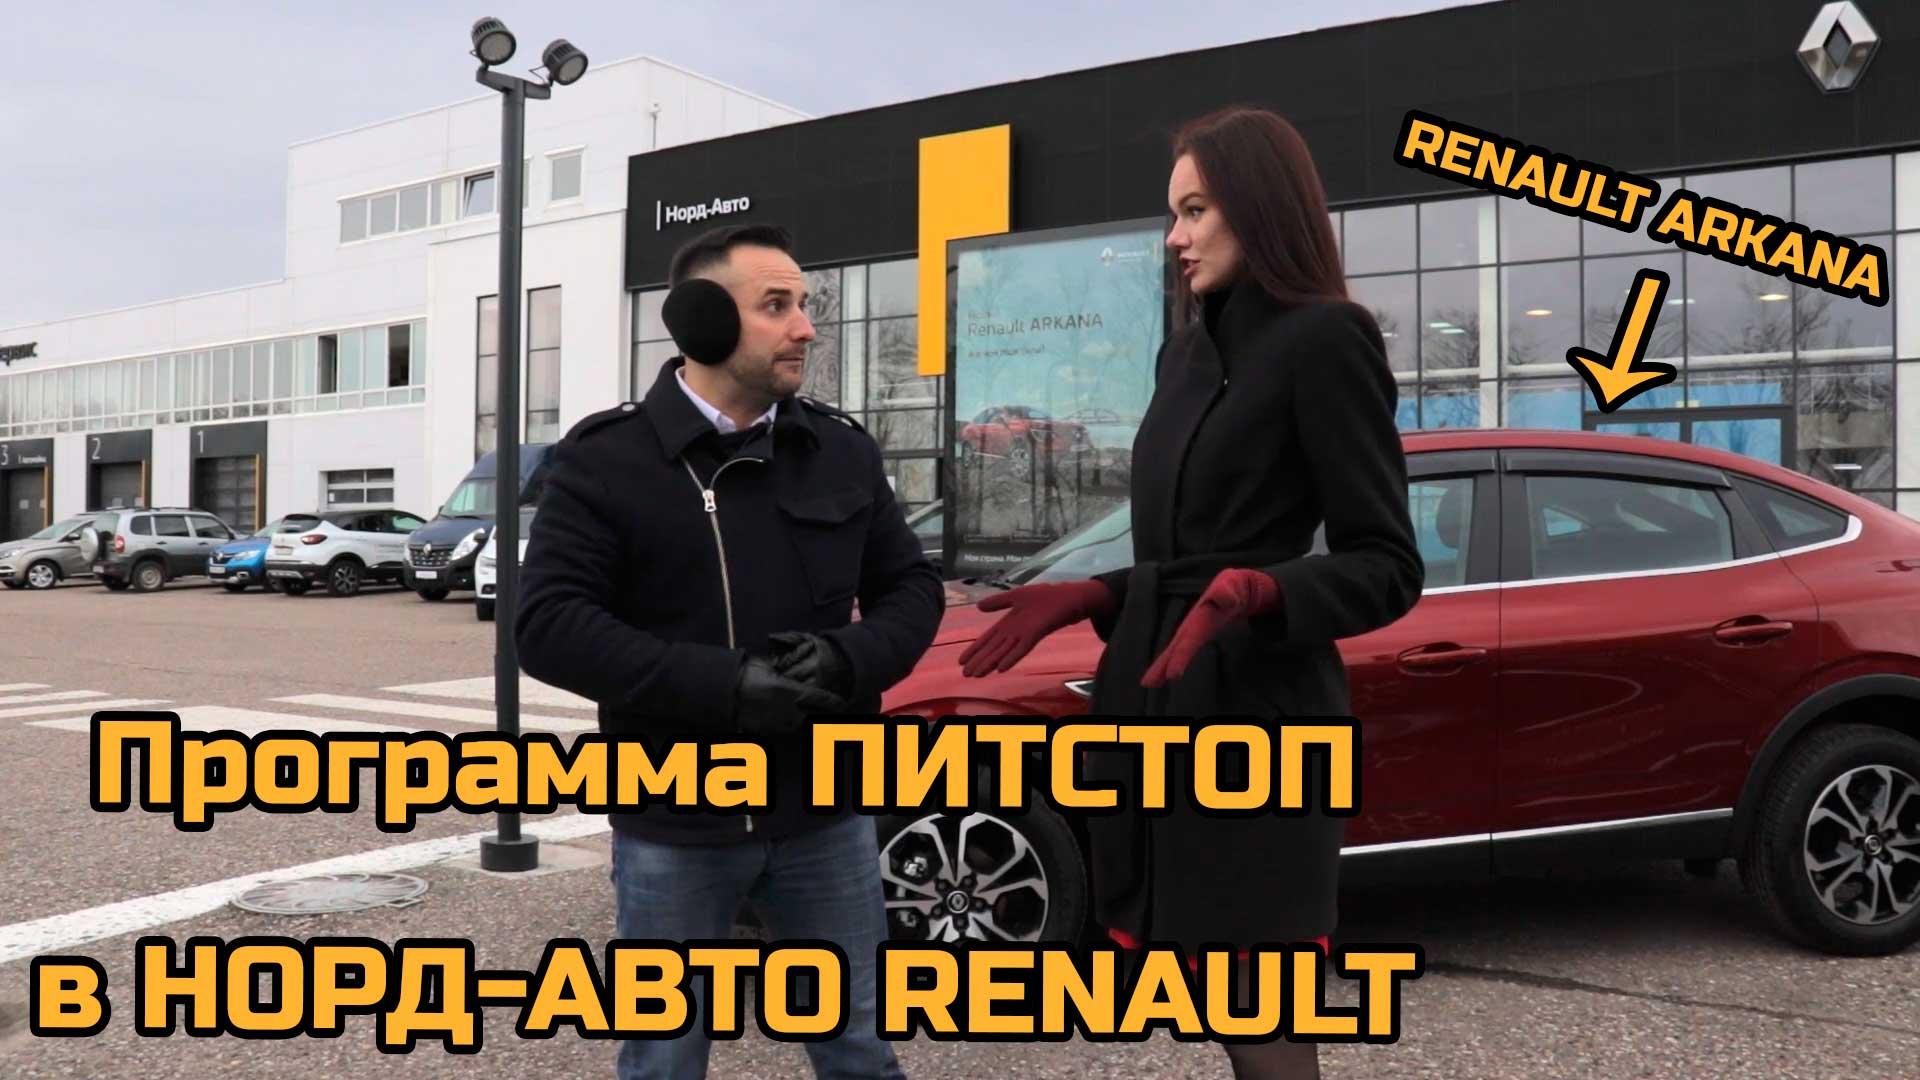 """Автомобильная программа """"Питстоп"""" приехала в НОРД-АВТО Renault и сделала обзор Renault ARKANA!"""